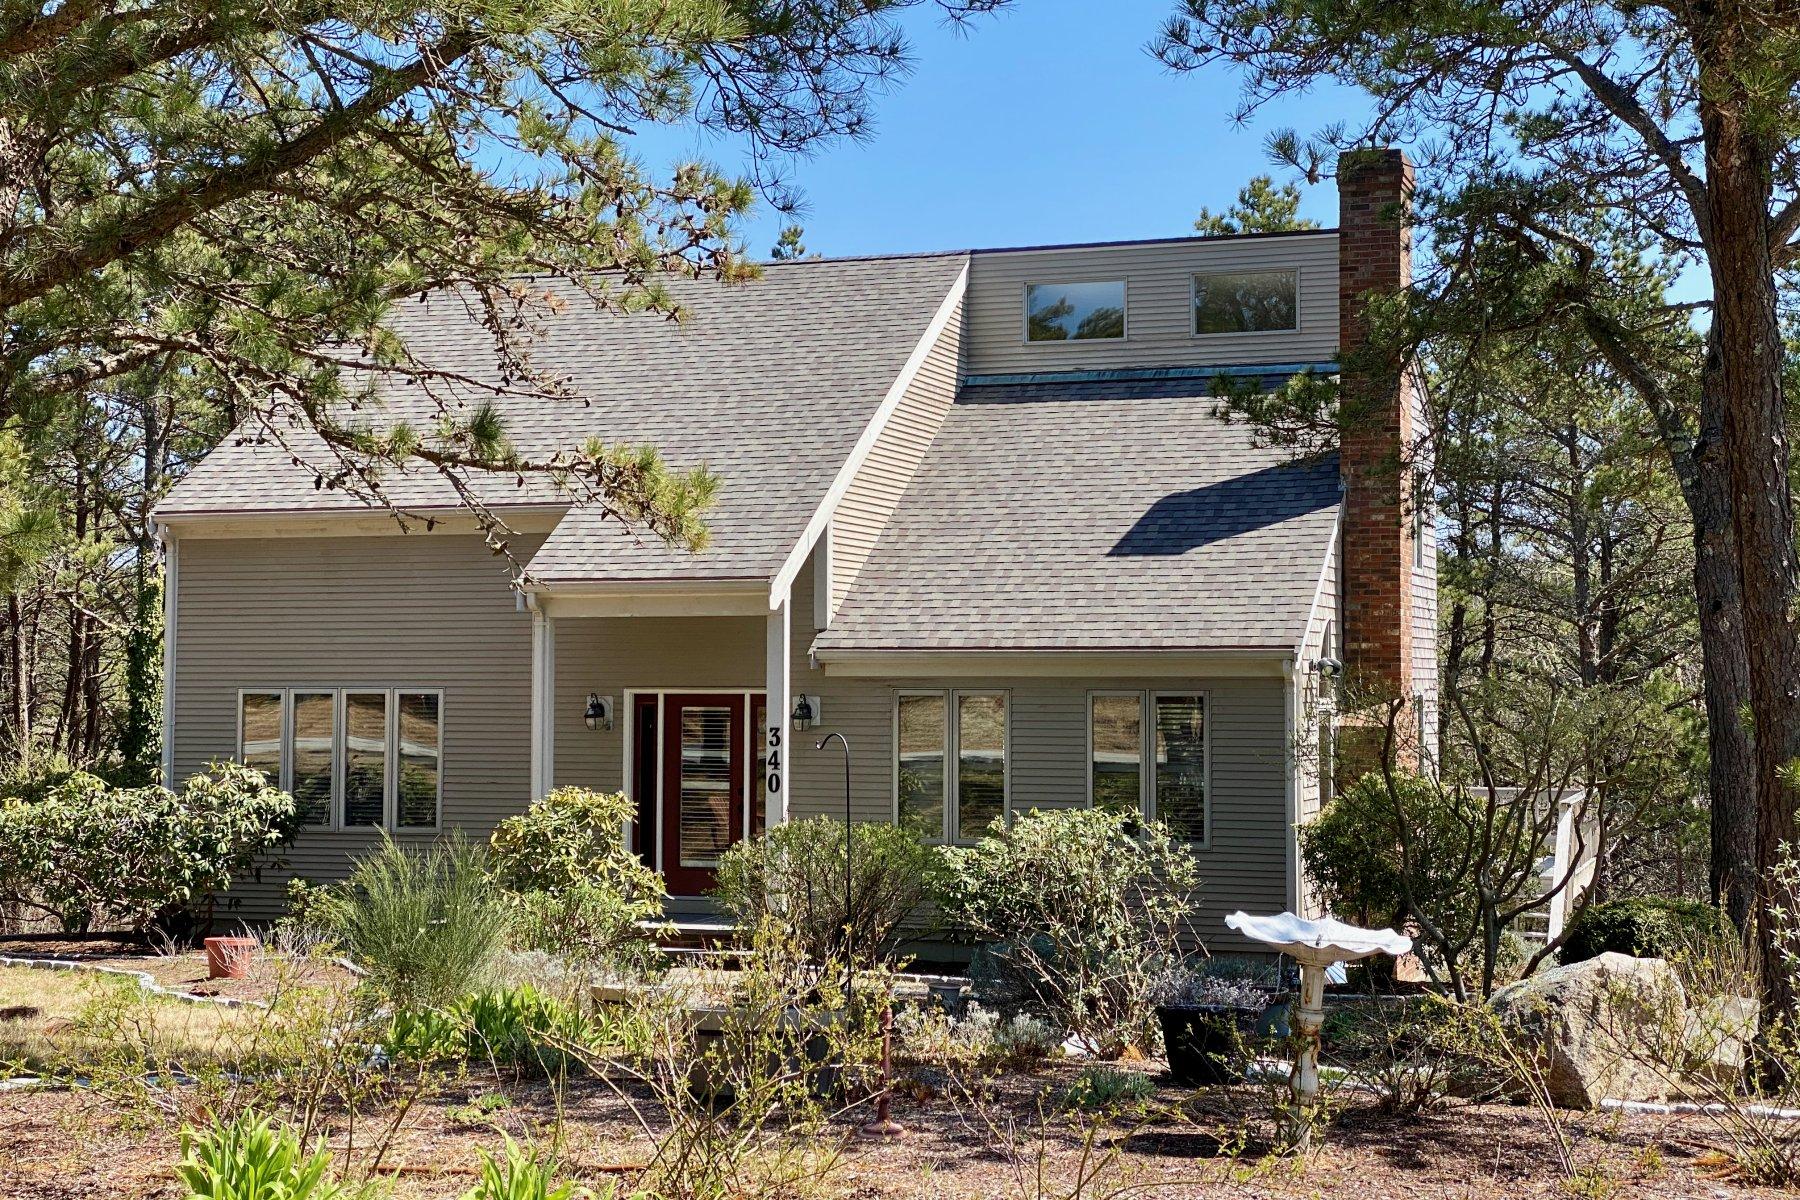 Single Family Homes για την Πώληση στο 340 Eastwind Circle, Wellfleet, MA Wellfleet, Μασαχουσετη 02667 Ηνωμένες Πολιτείες